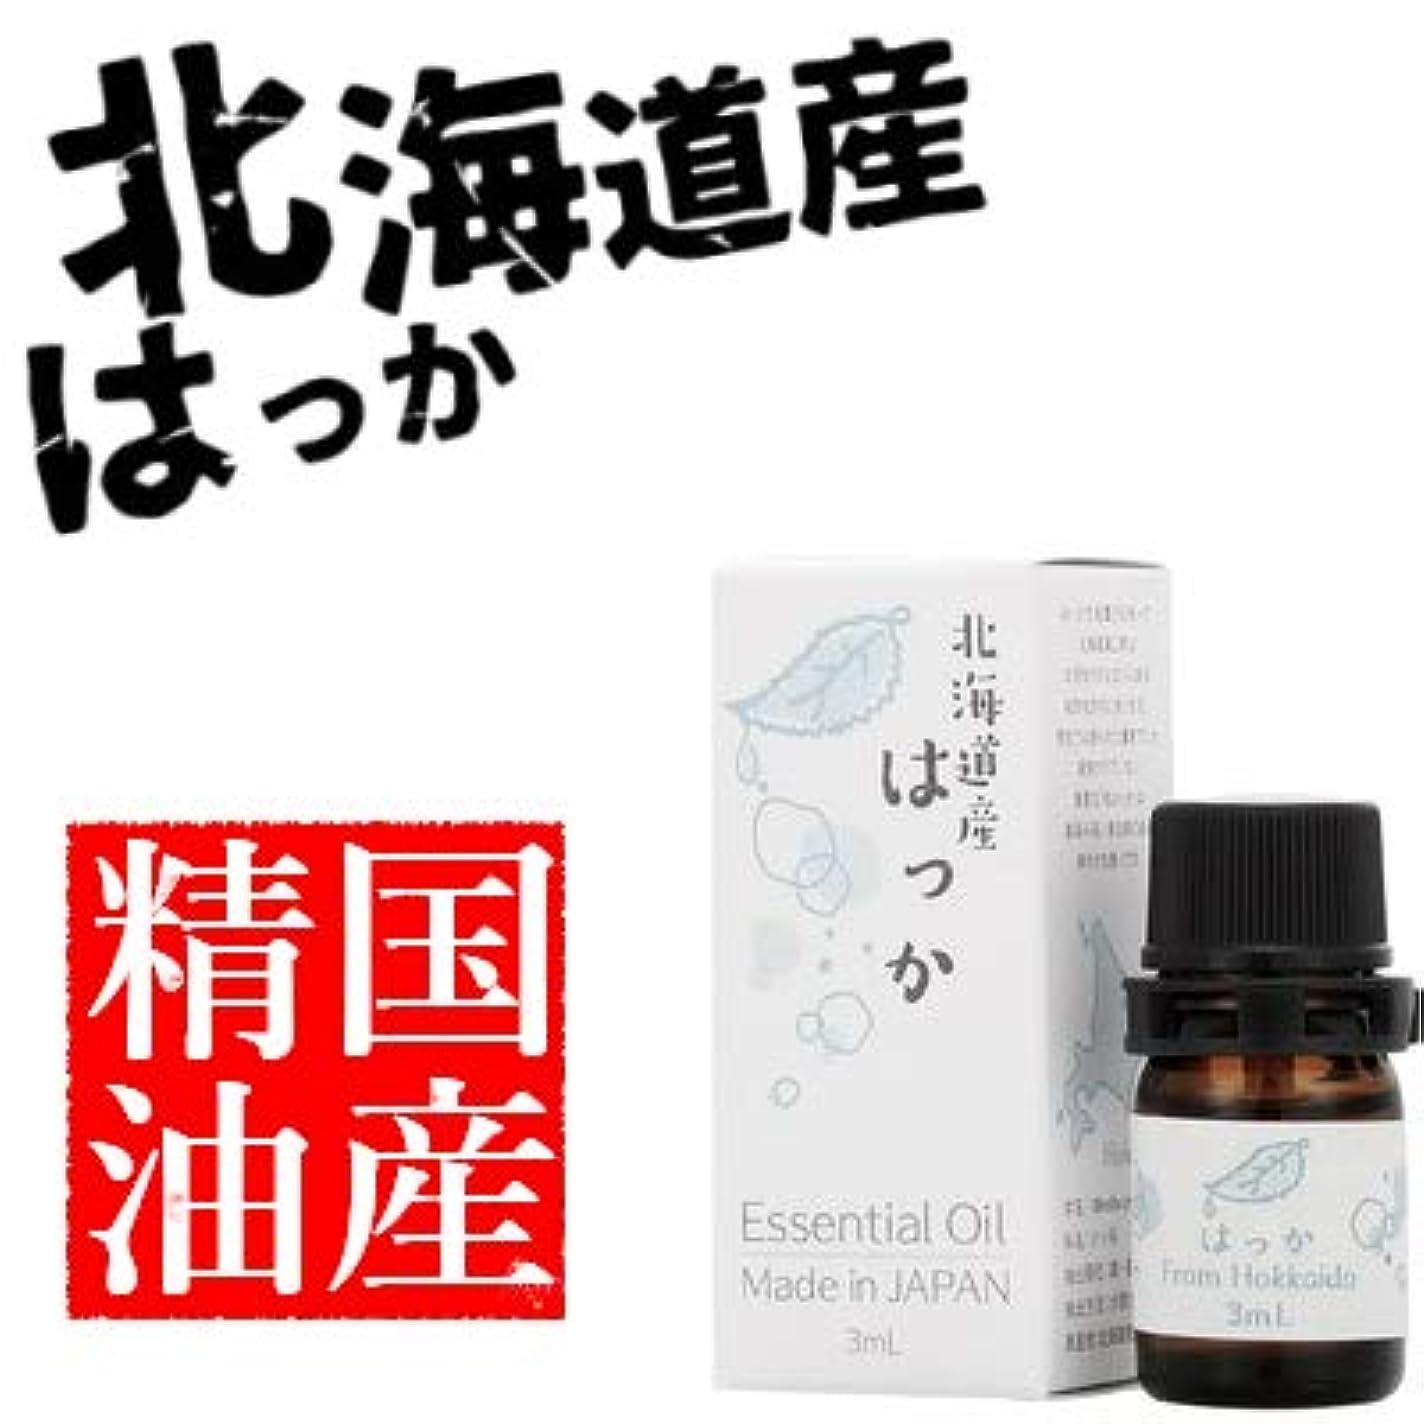 衝突する調子誇りに思う日本の香りシリーズ エッセンシャルオイル 国産精油 (はっか)